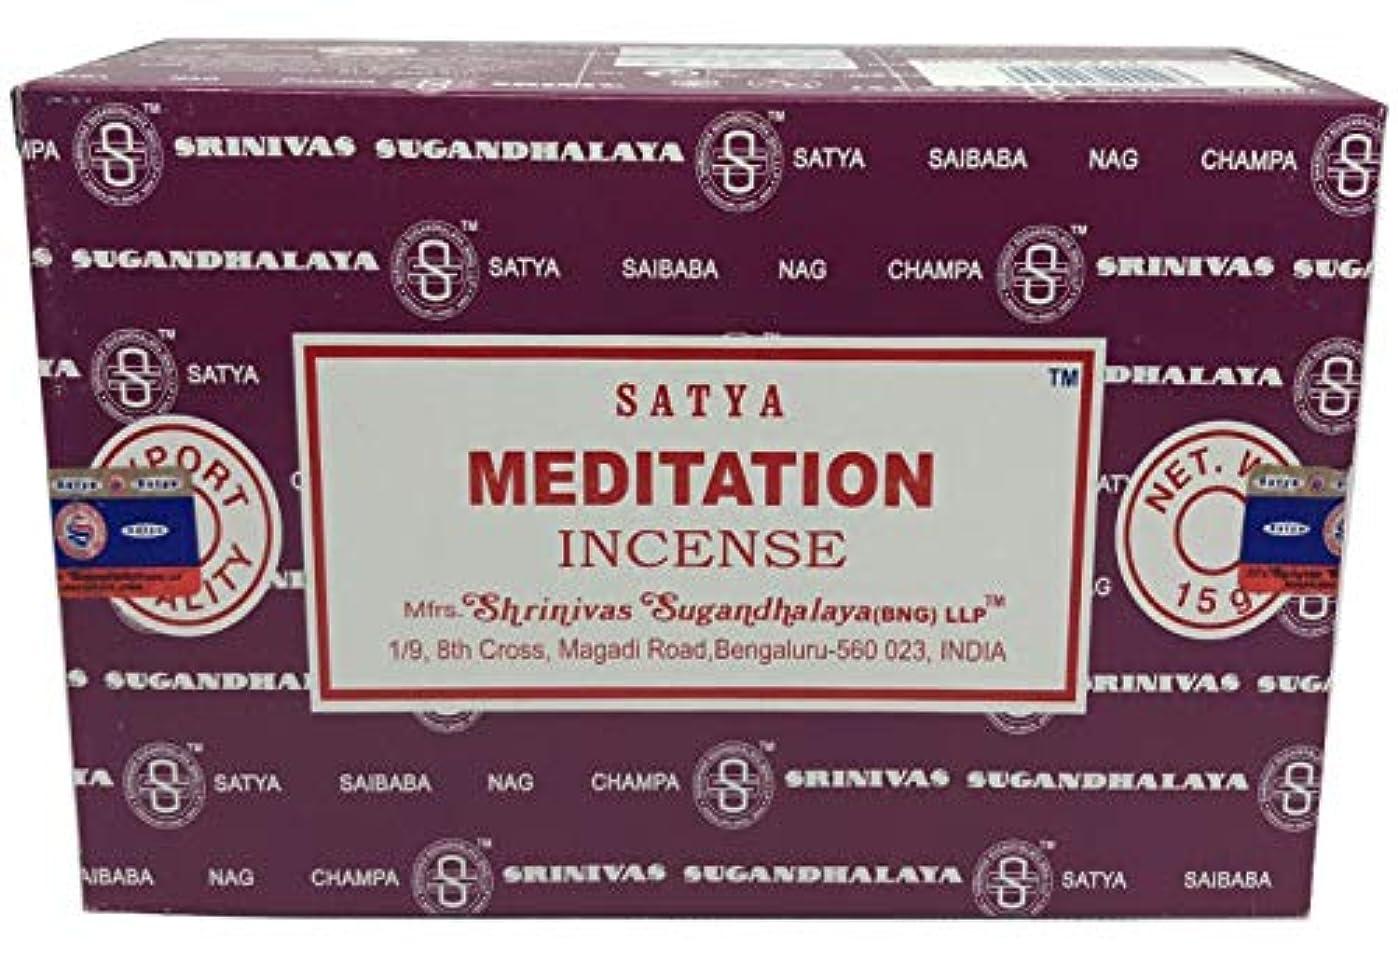 熟読する電気陽性触覚Satya Sai Baba ナグチャンパ 瞑想用お香スティック 12本パック 各15グラム